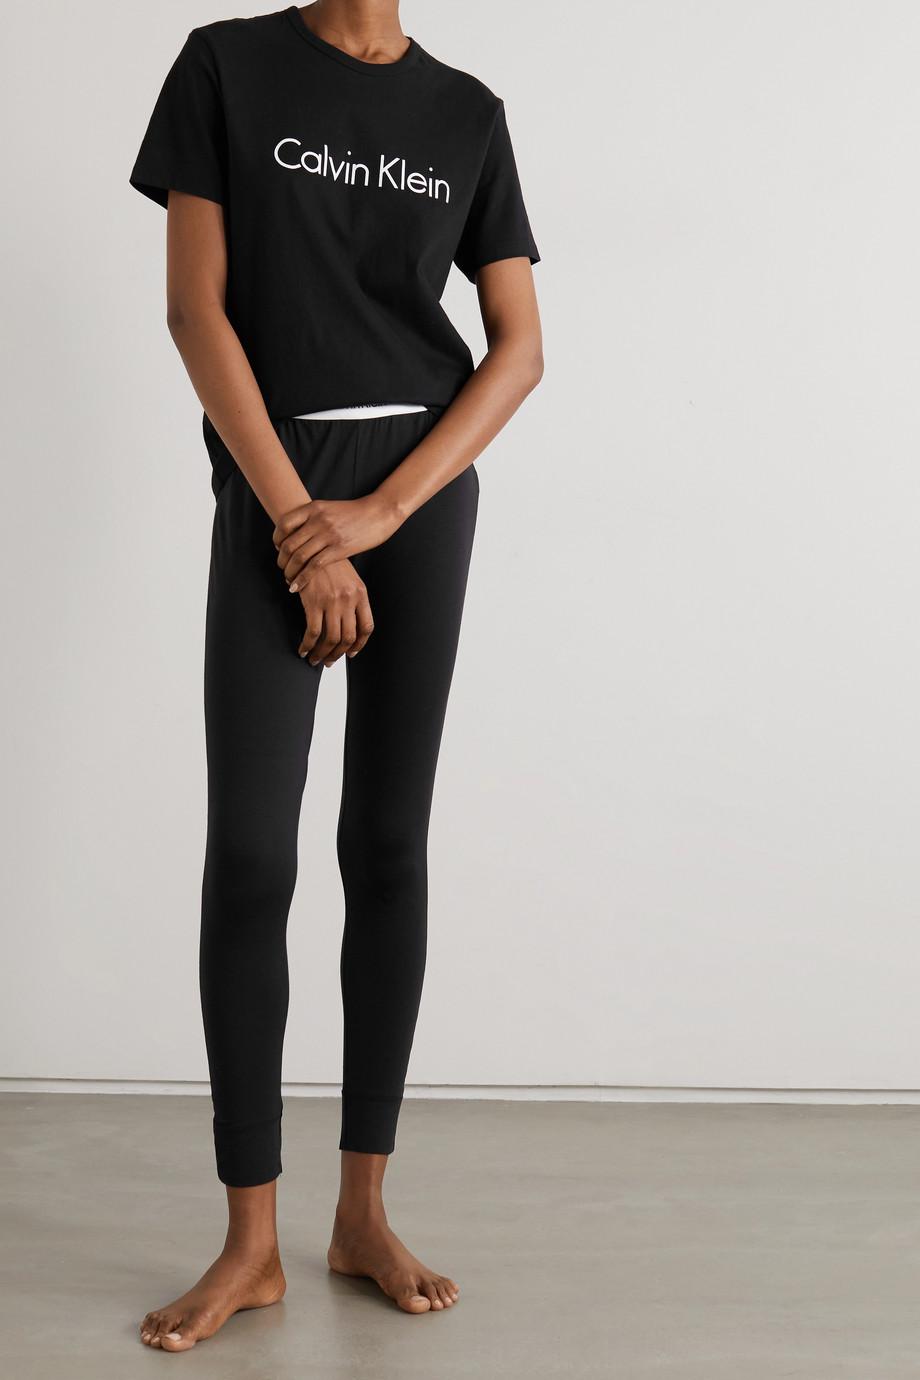 Calvin Klein Underwear T-Shirt aus Baumwoll-Jersey mit Print